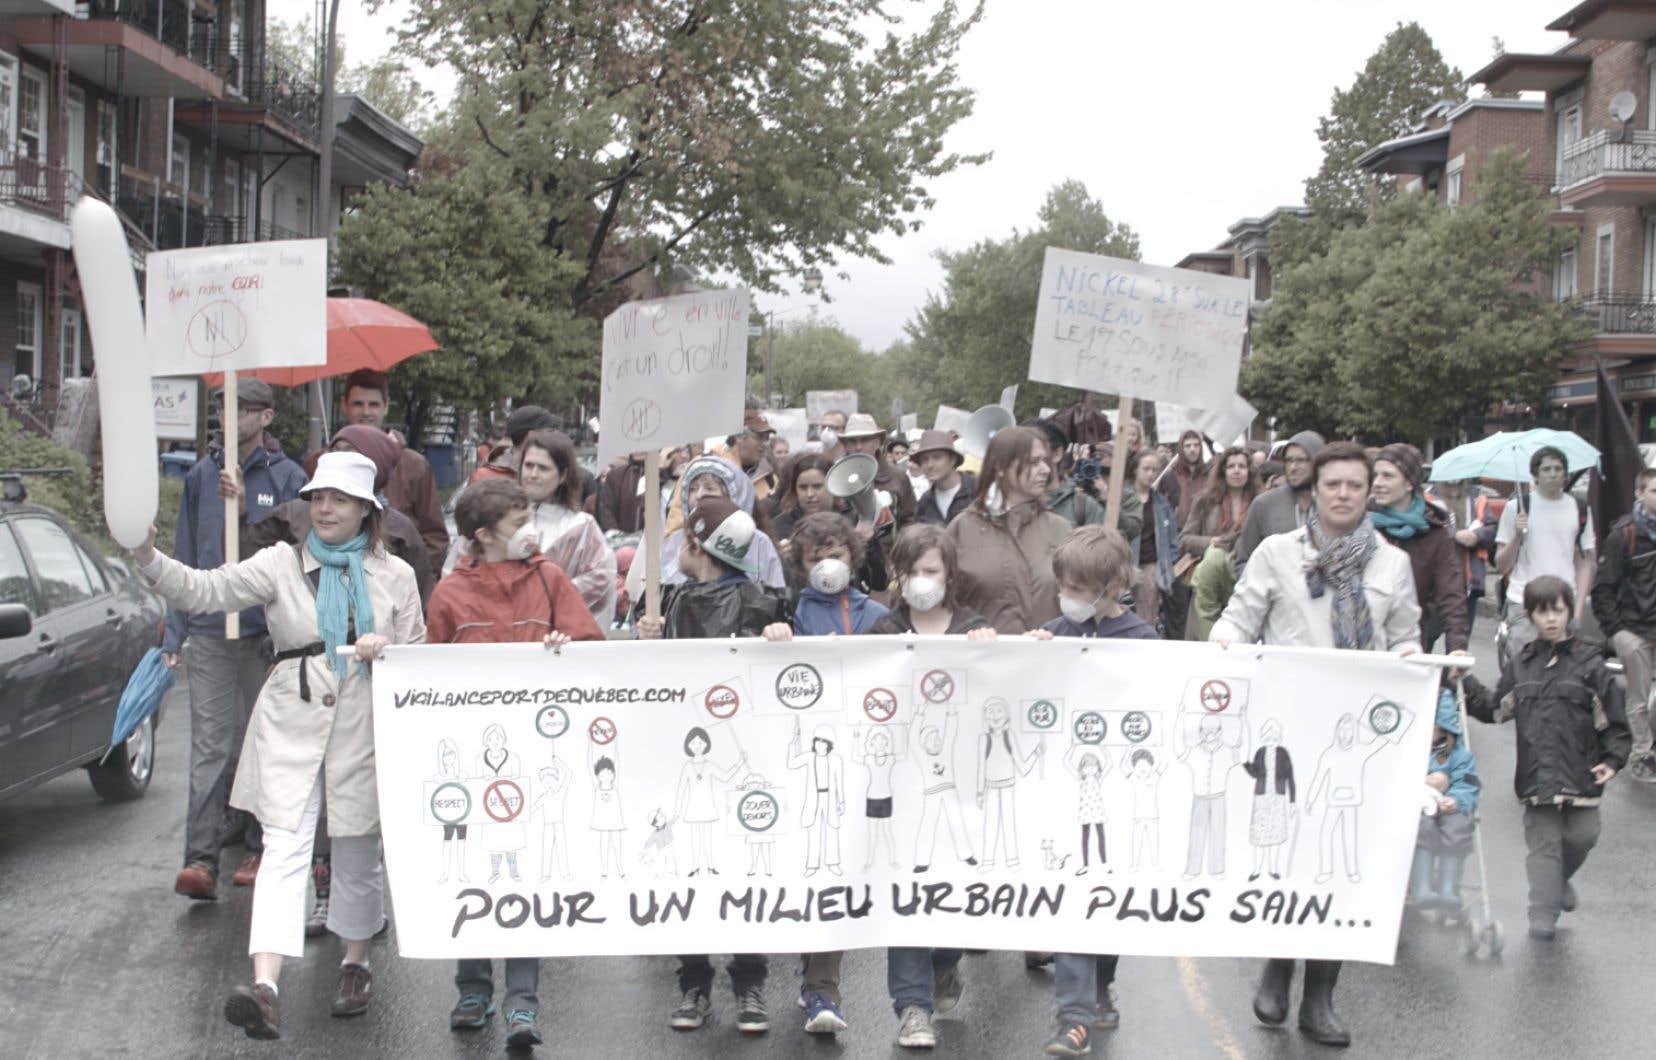 Le documentaire suit le chemin sinueux parcouru par le couple Lalande-Duchesne, allant de la marche organisée avec l'énergie de l'indignation avec les citoyens du quartier à la longue lutte judiciaire.